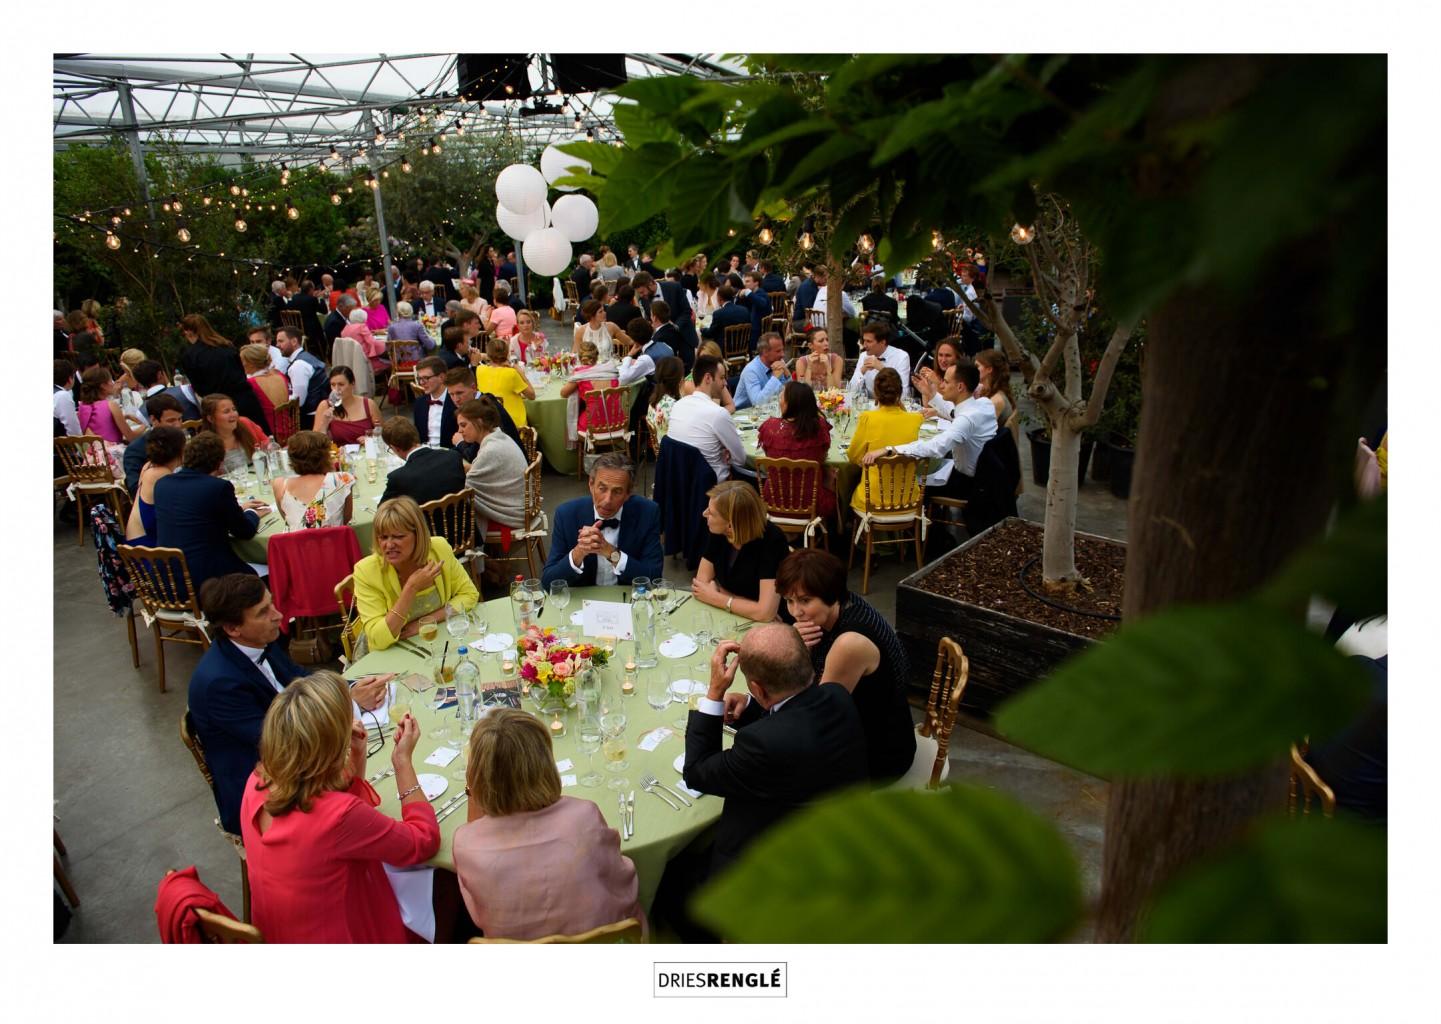 006-jef-cools-feestzaal-huwelijksfotograaf-dries-rengle